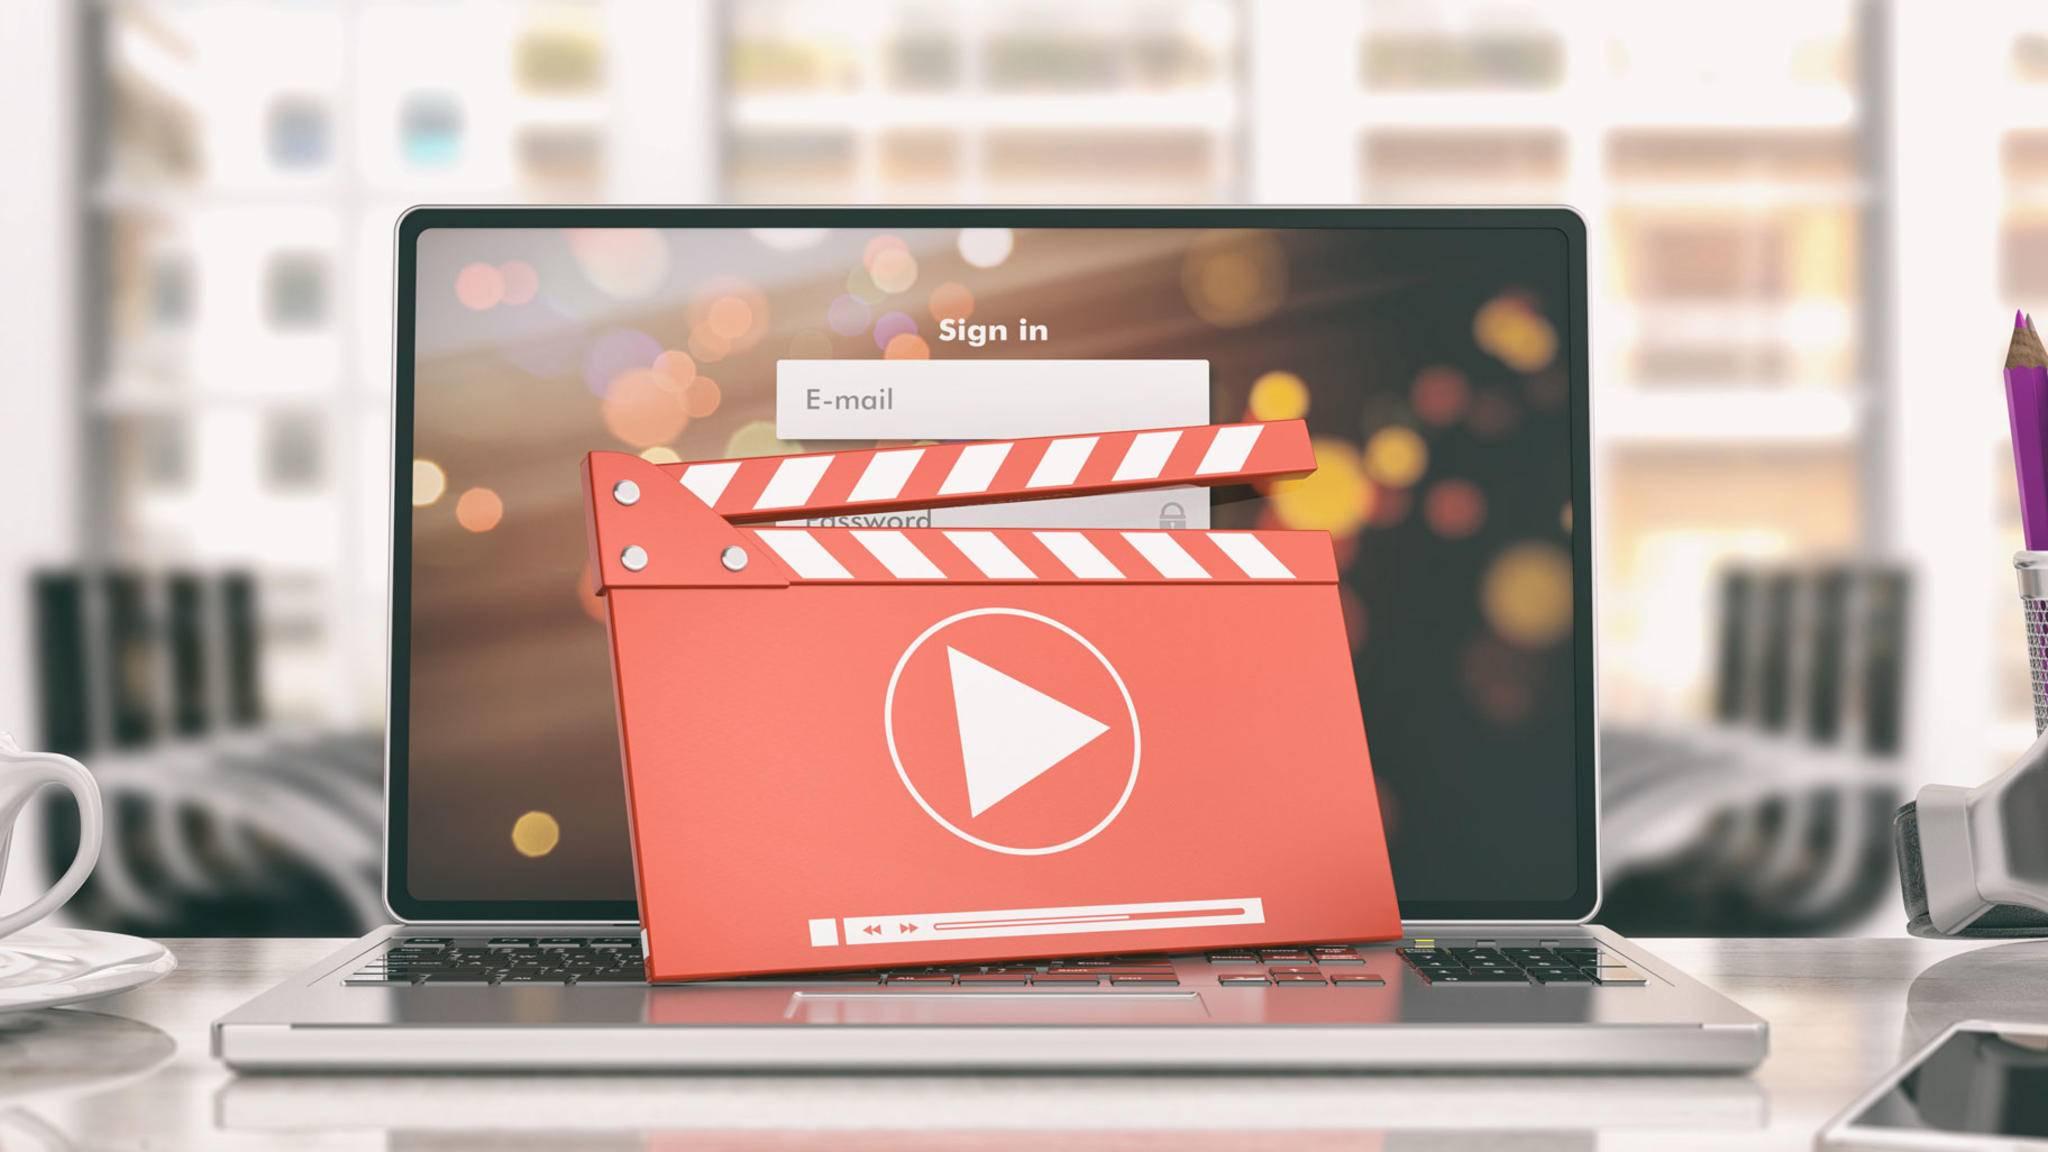 Es muss nicht immer der VLC-Player sein: Zahlreiche Tools leisten ebenfalls gute Dienste als Mediaplayer.